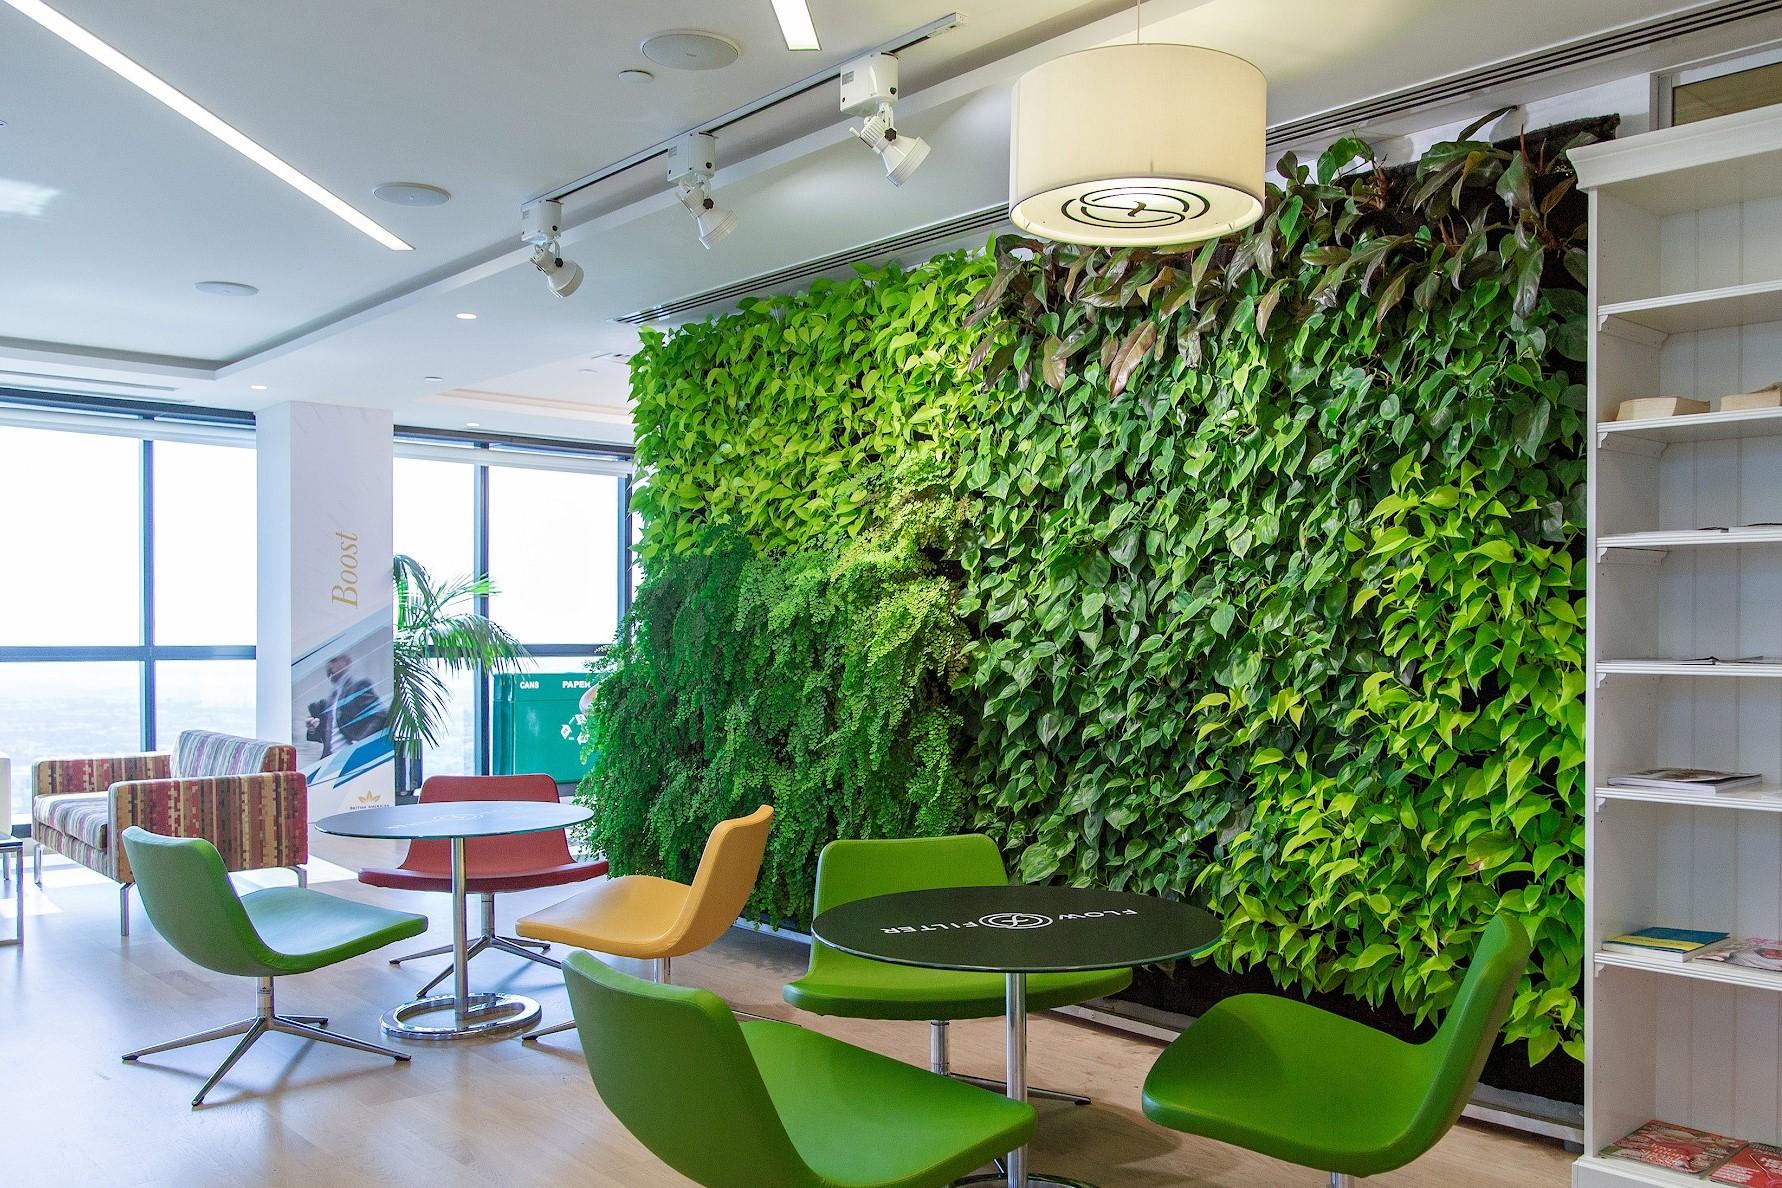 Вертикальный сад, фитостена, вертикальное озеленение